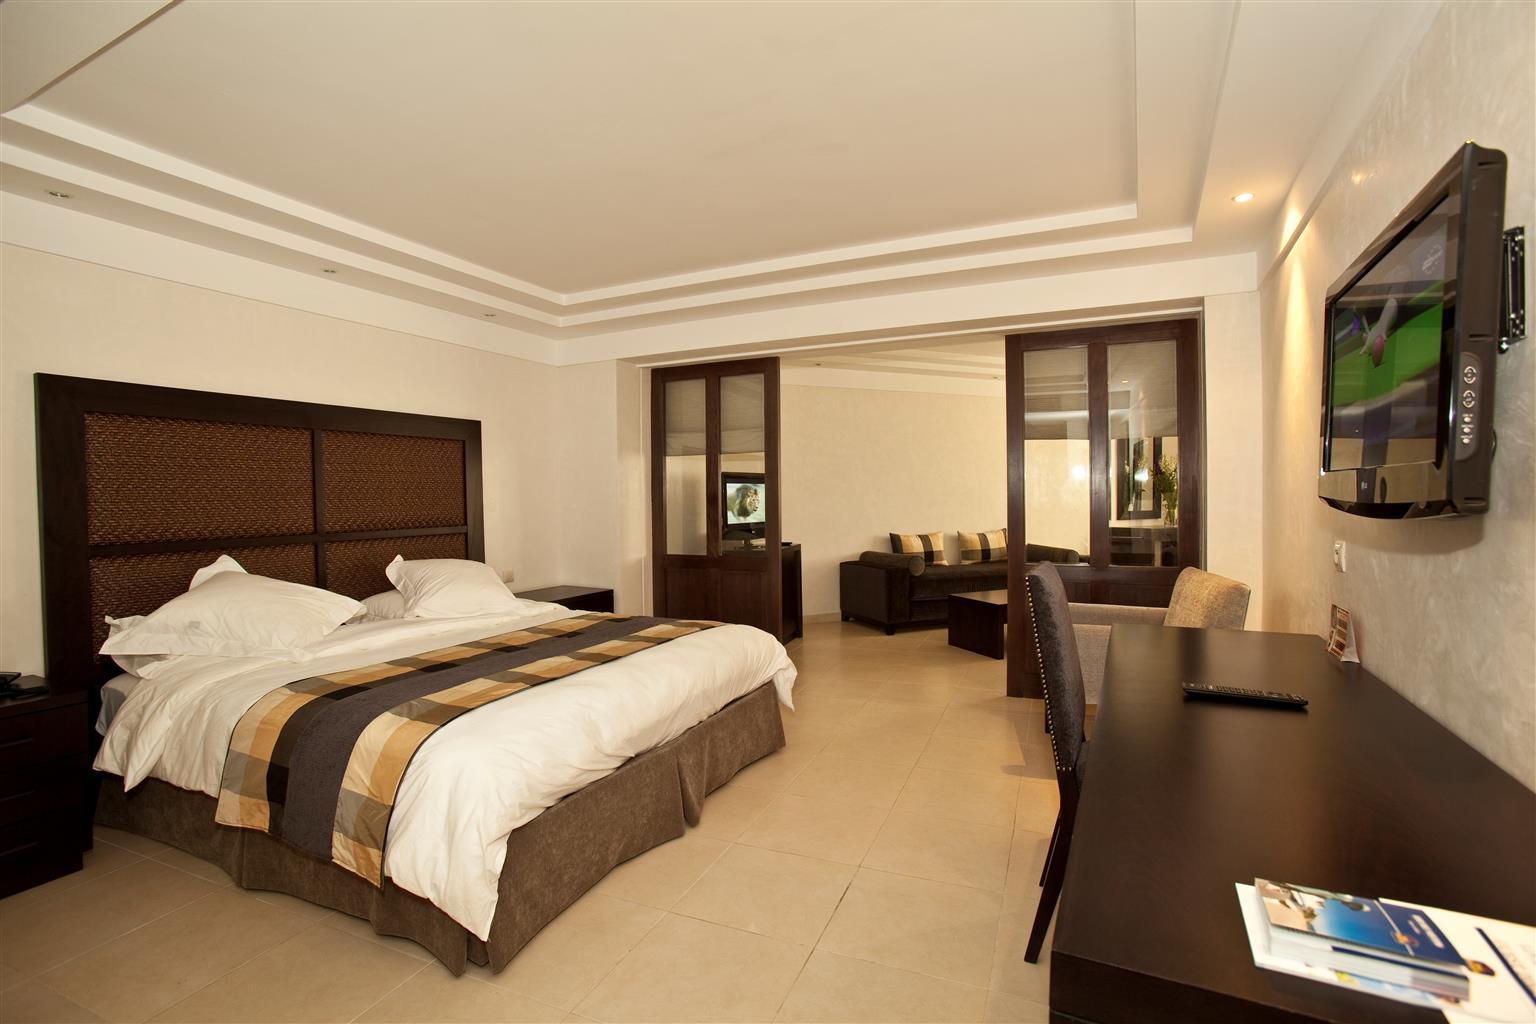 Hudson hotel new york nyc 2013 003 - 93724_000_pool 93724_001_restaurant 93724_002_pool 93724_003_suite 93724_004_suite 93724_005_guestroom 93724_006_suite 93724_007_guestroom